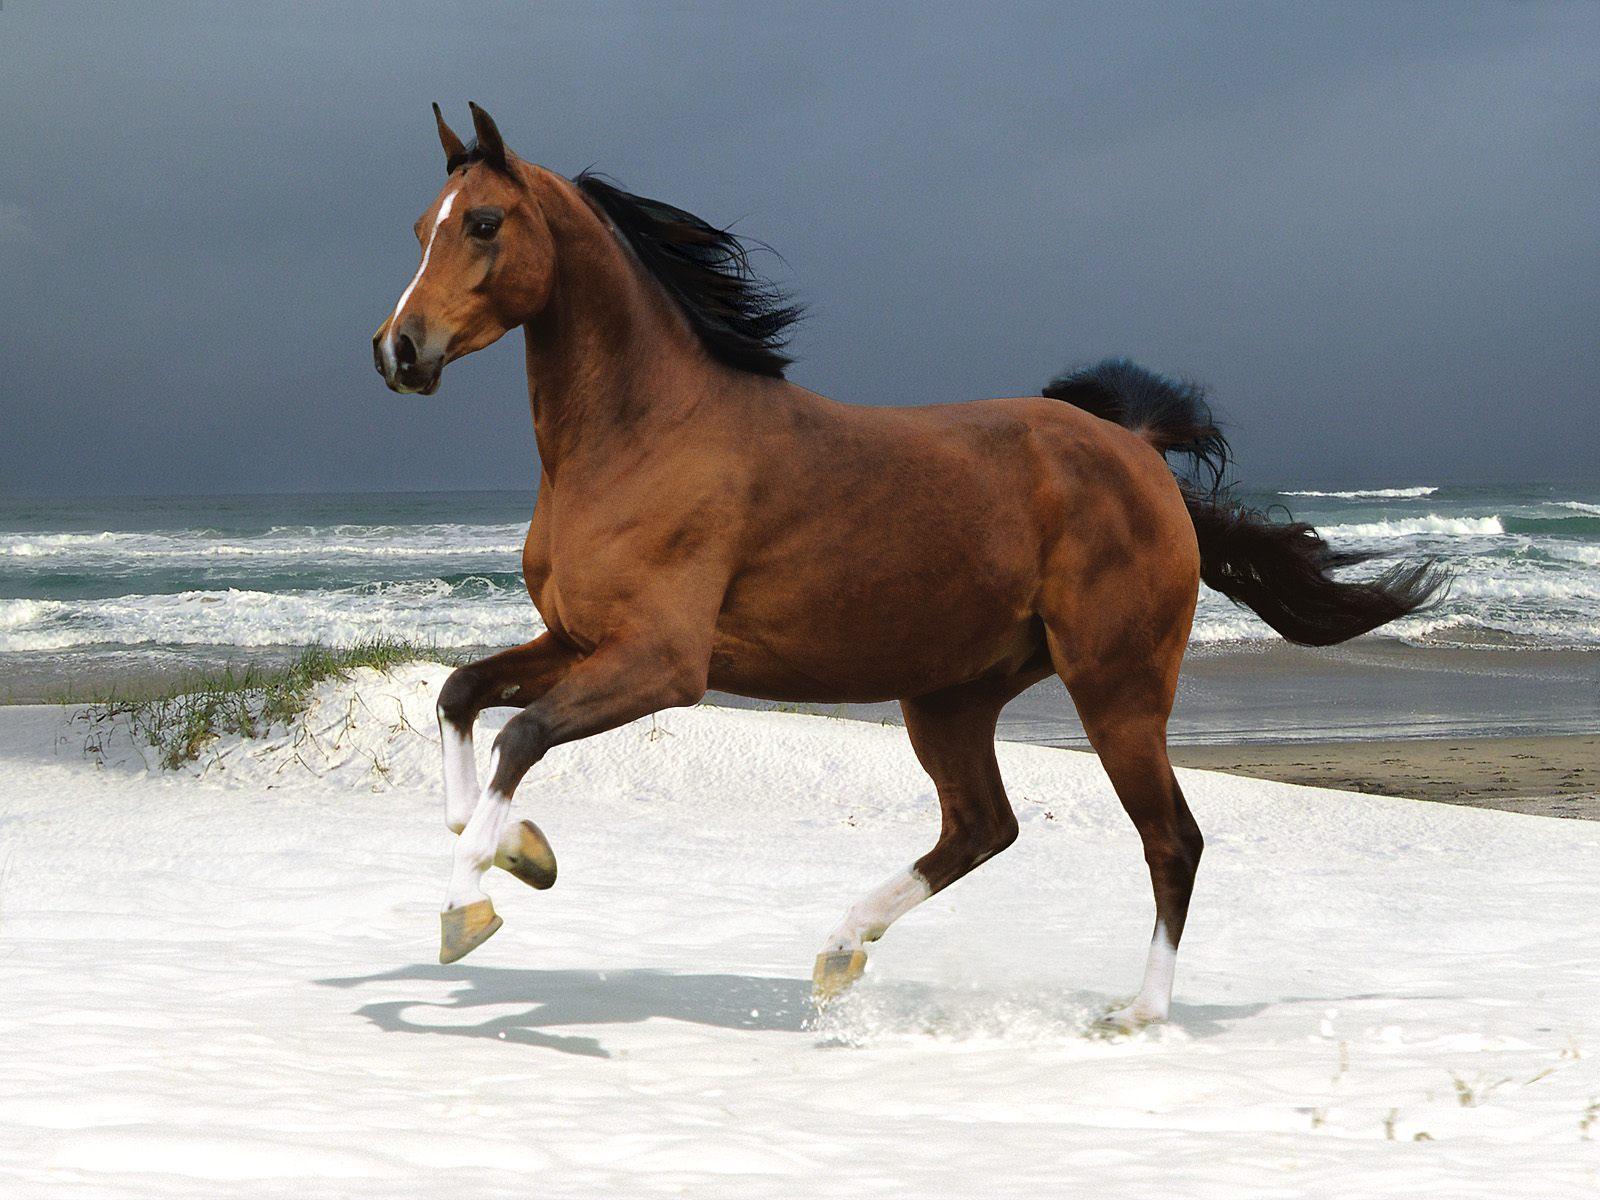 Horses in the water desktop wallpaper 1600x1200